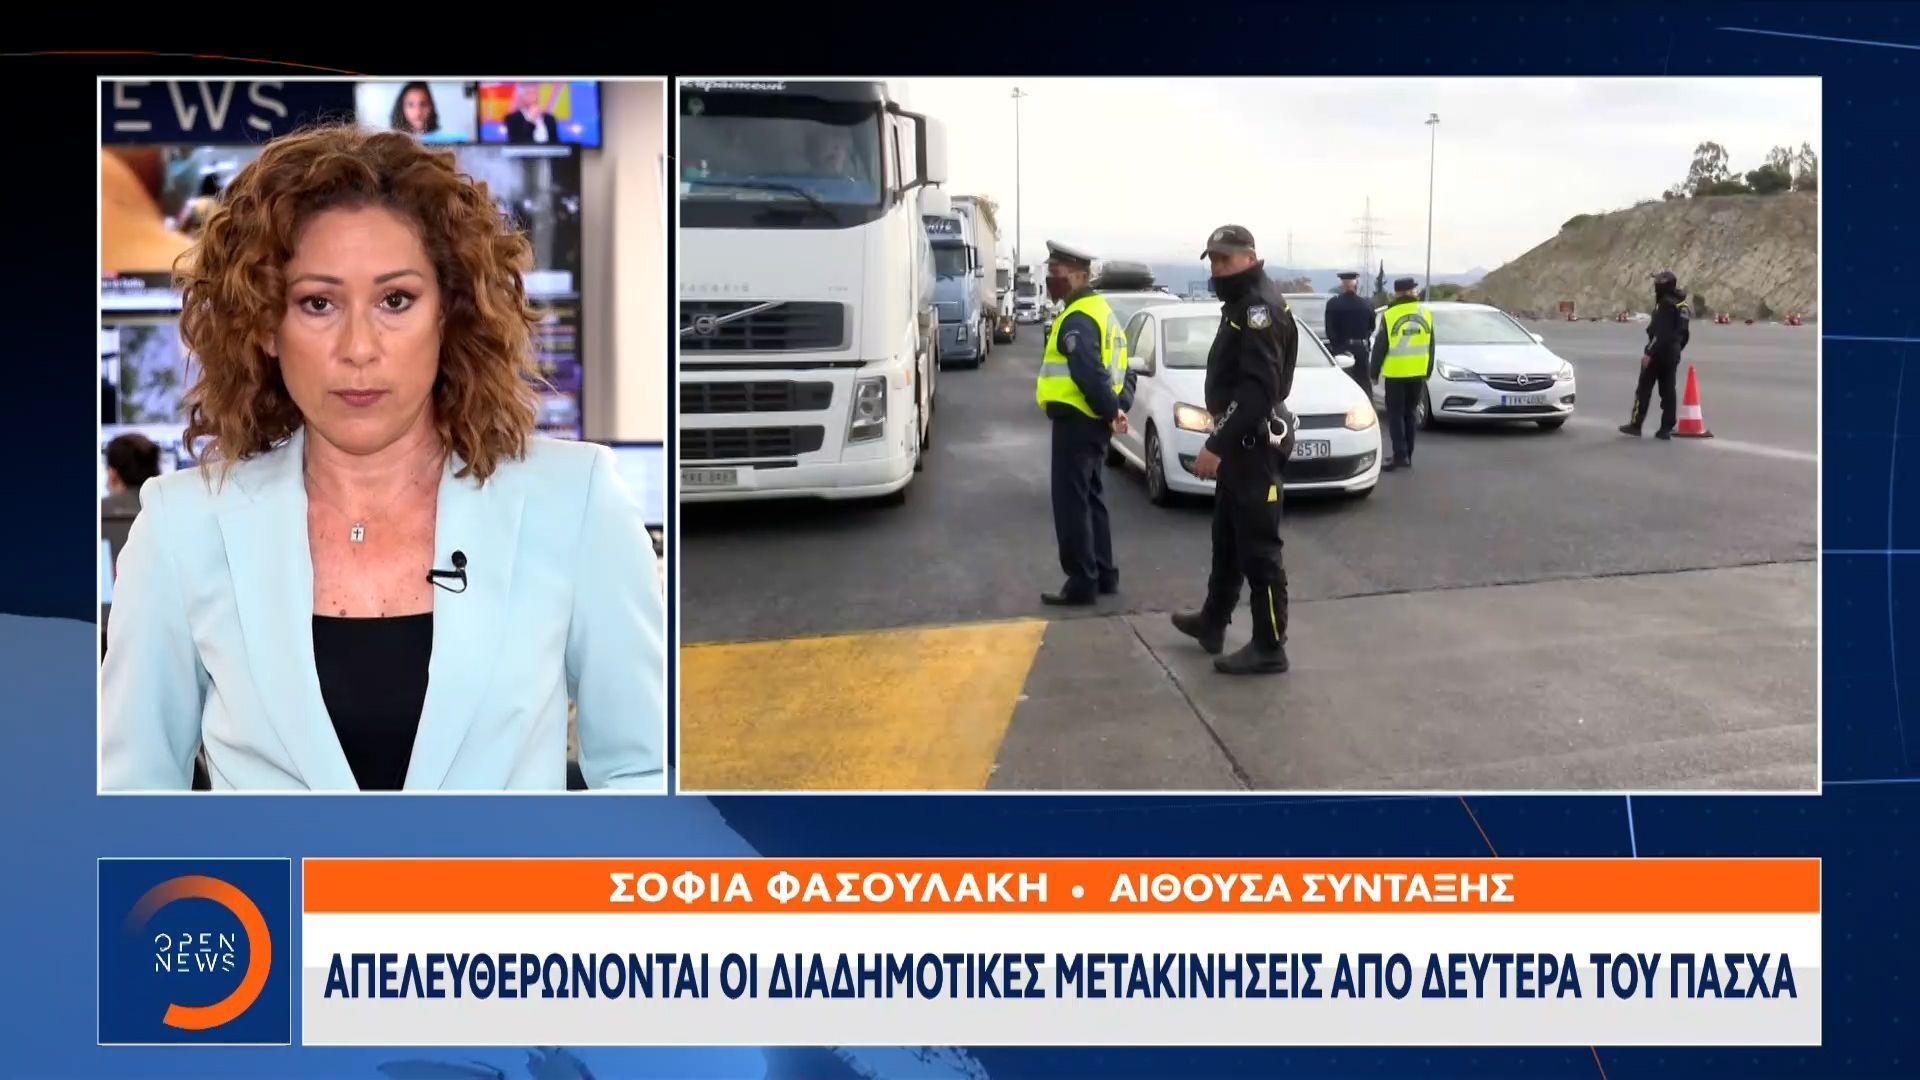 Απελευθερώνονται οι διαδημοτικές μετακινήσεις από Δευτέρα του Πάσχα (+video)